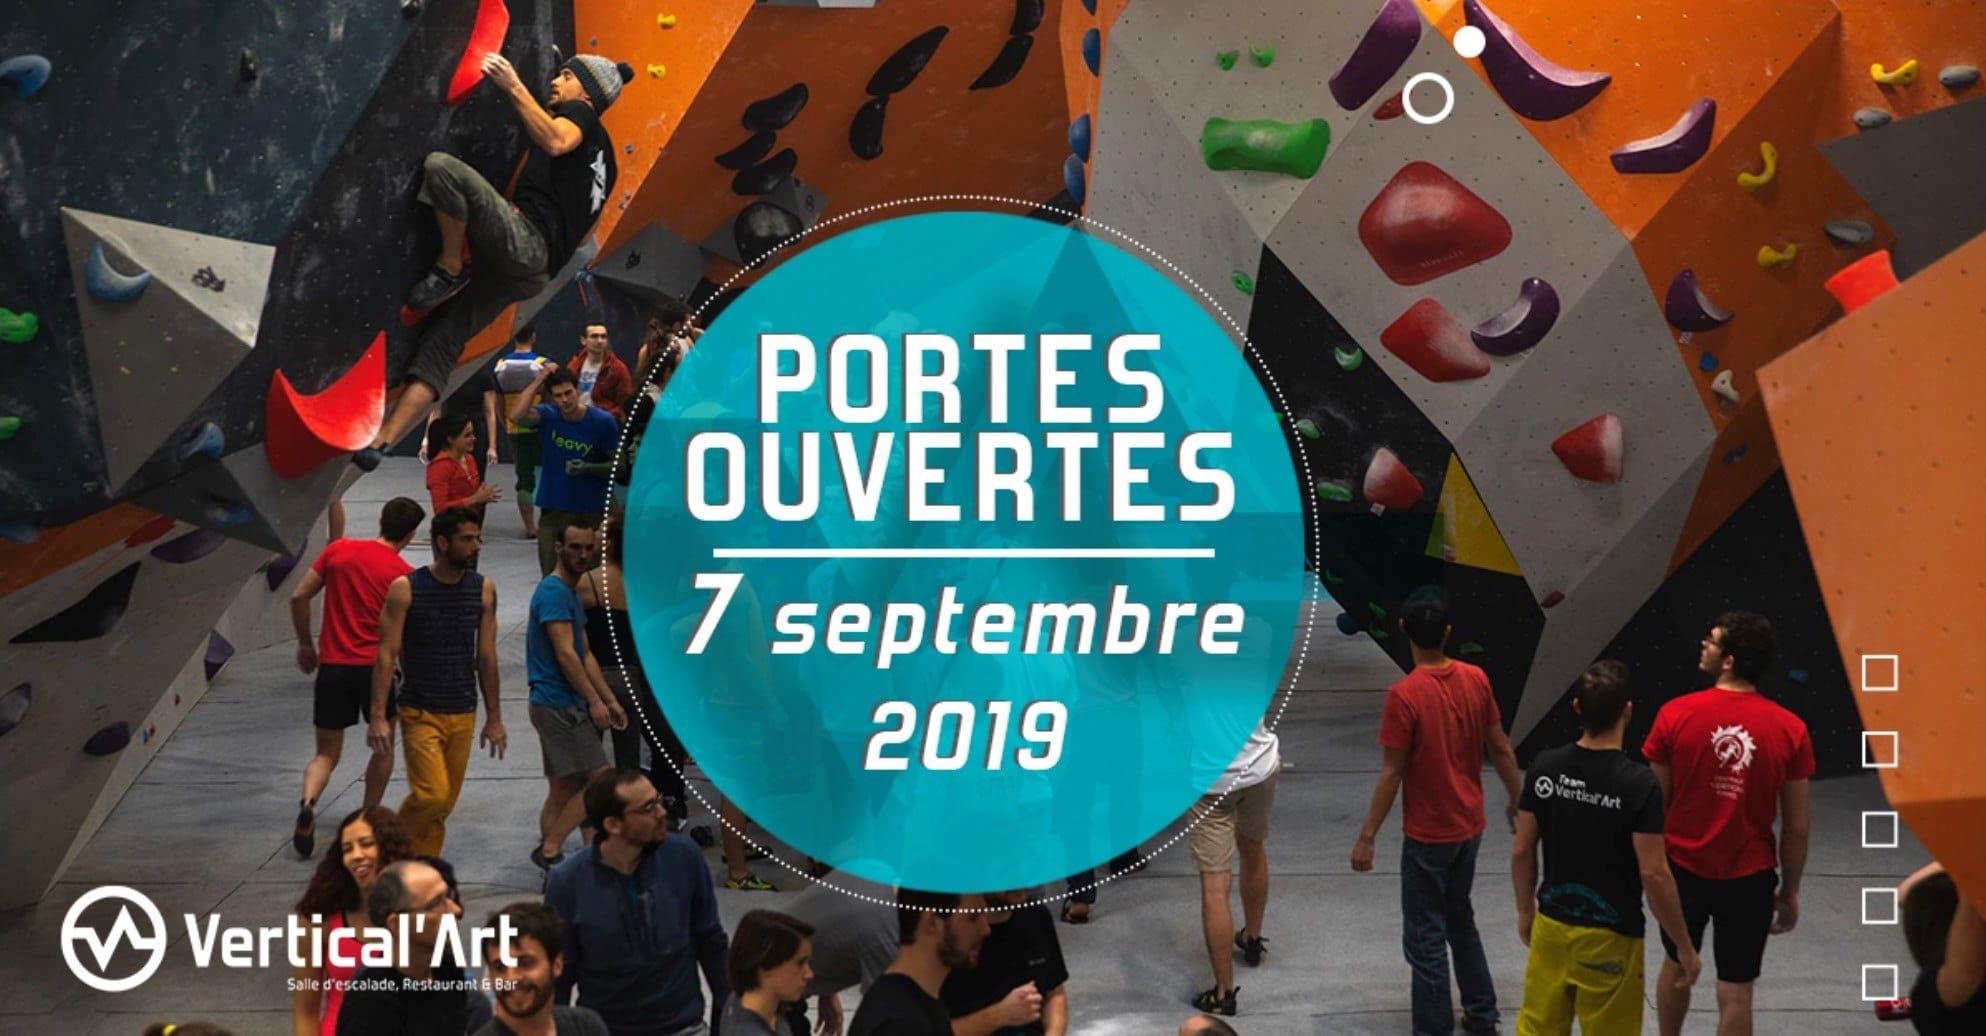 journée portes ouvertes à Vertical'Art Rungis - entrée gratuite